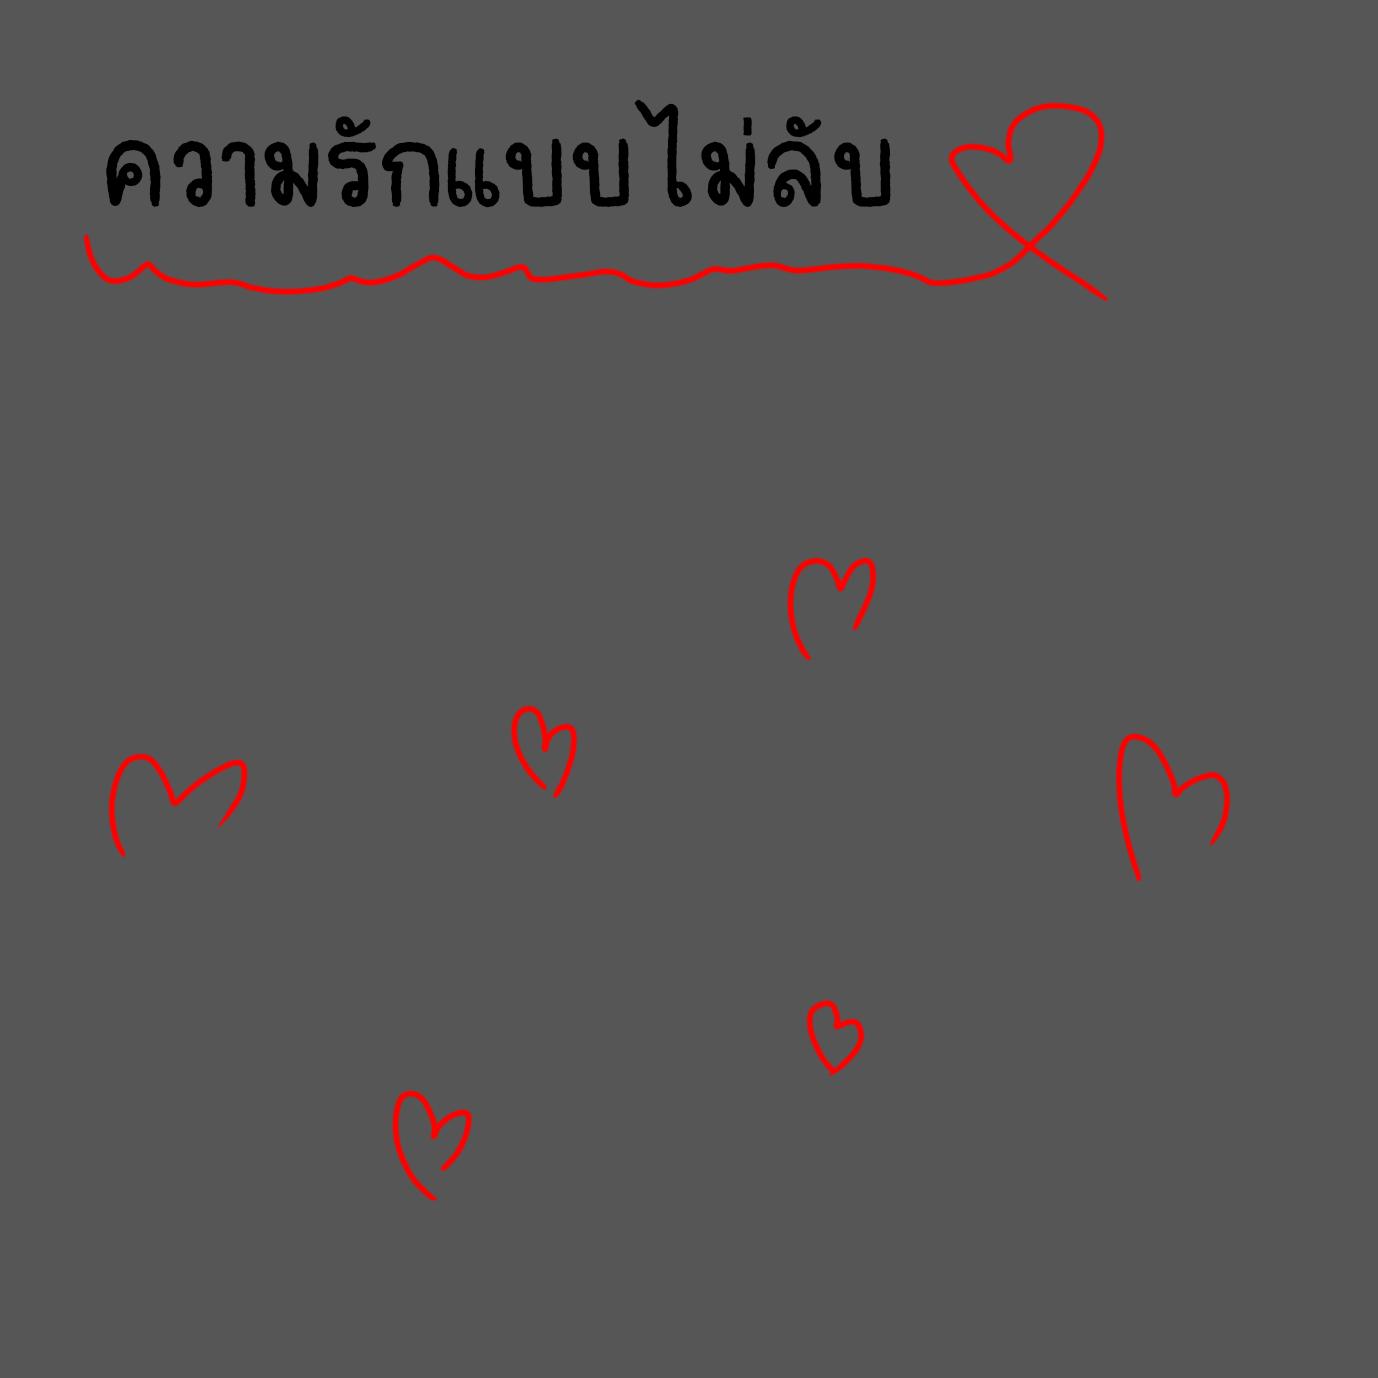 ความรักแบบไม่ลับ